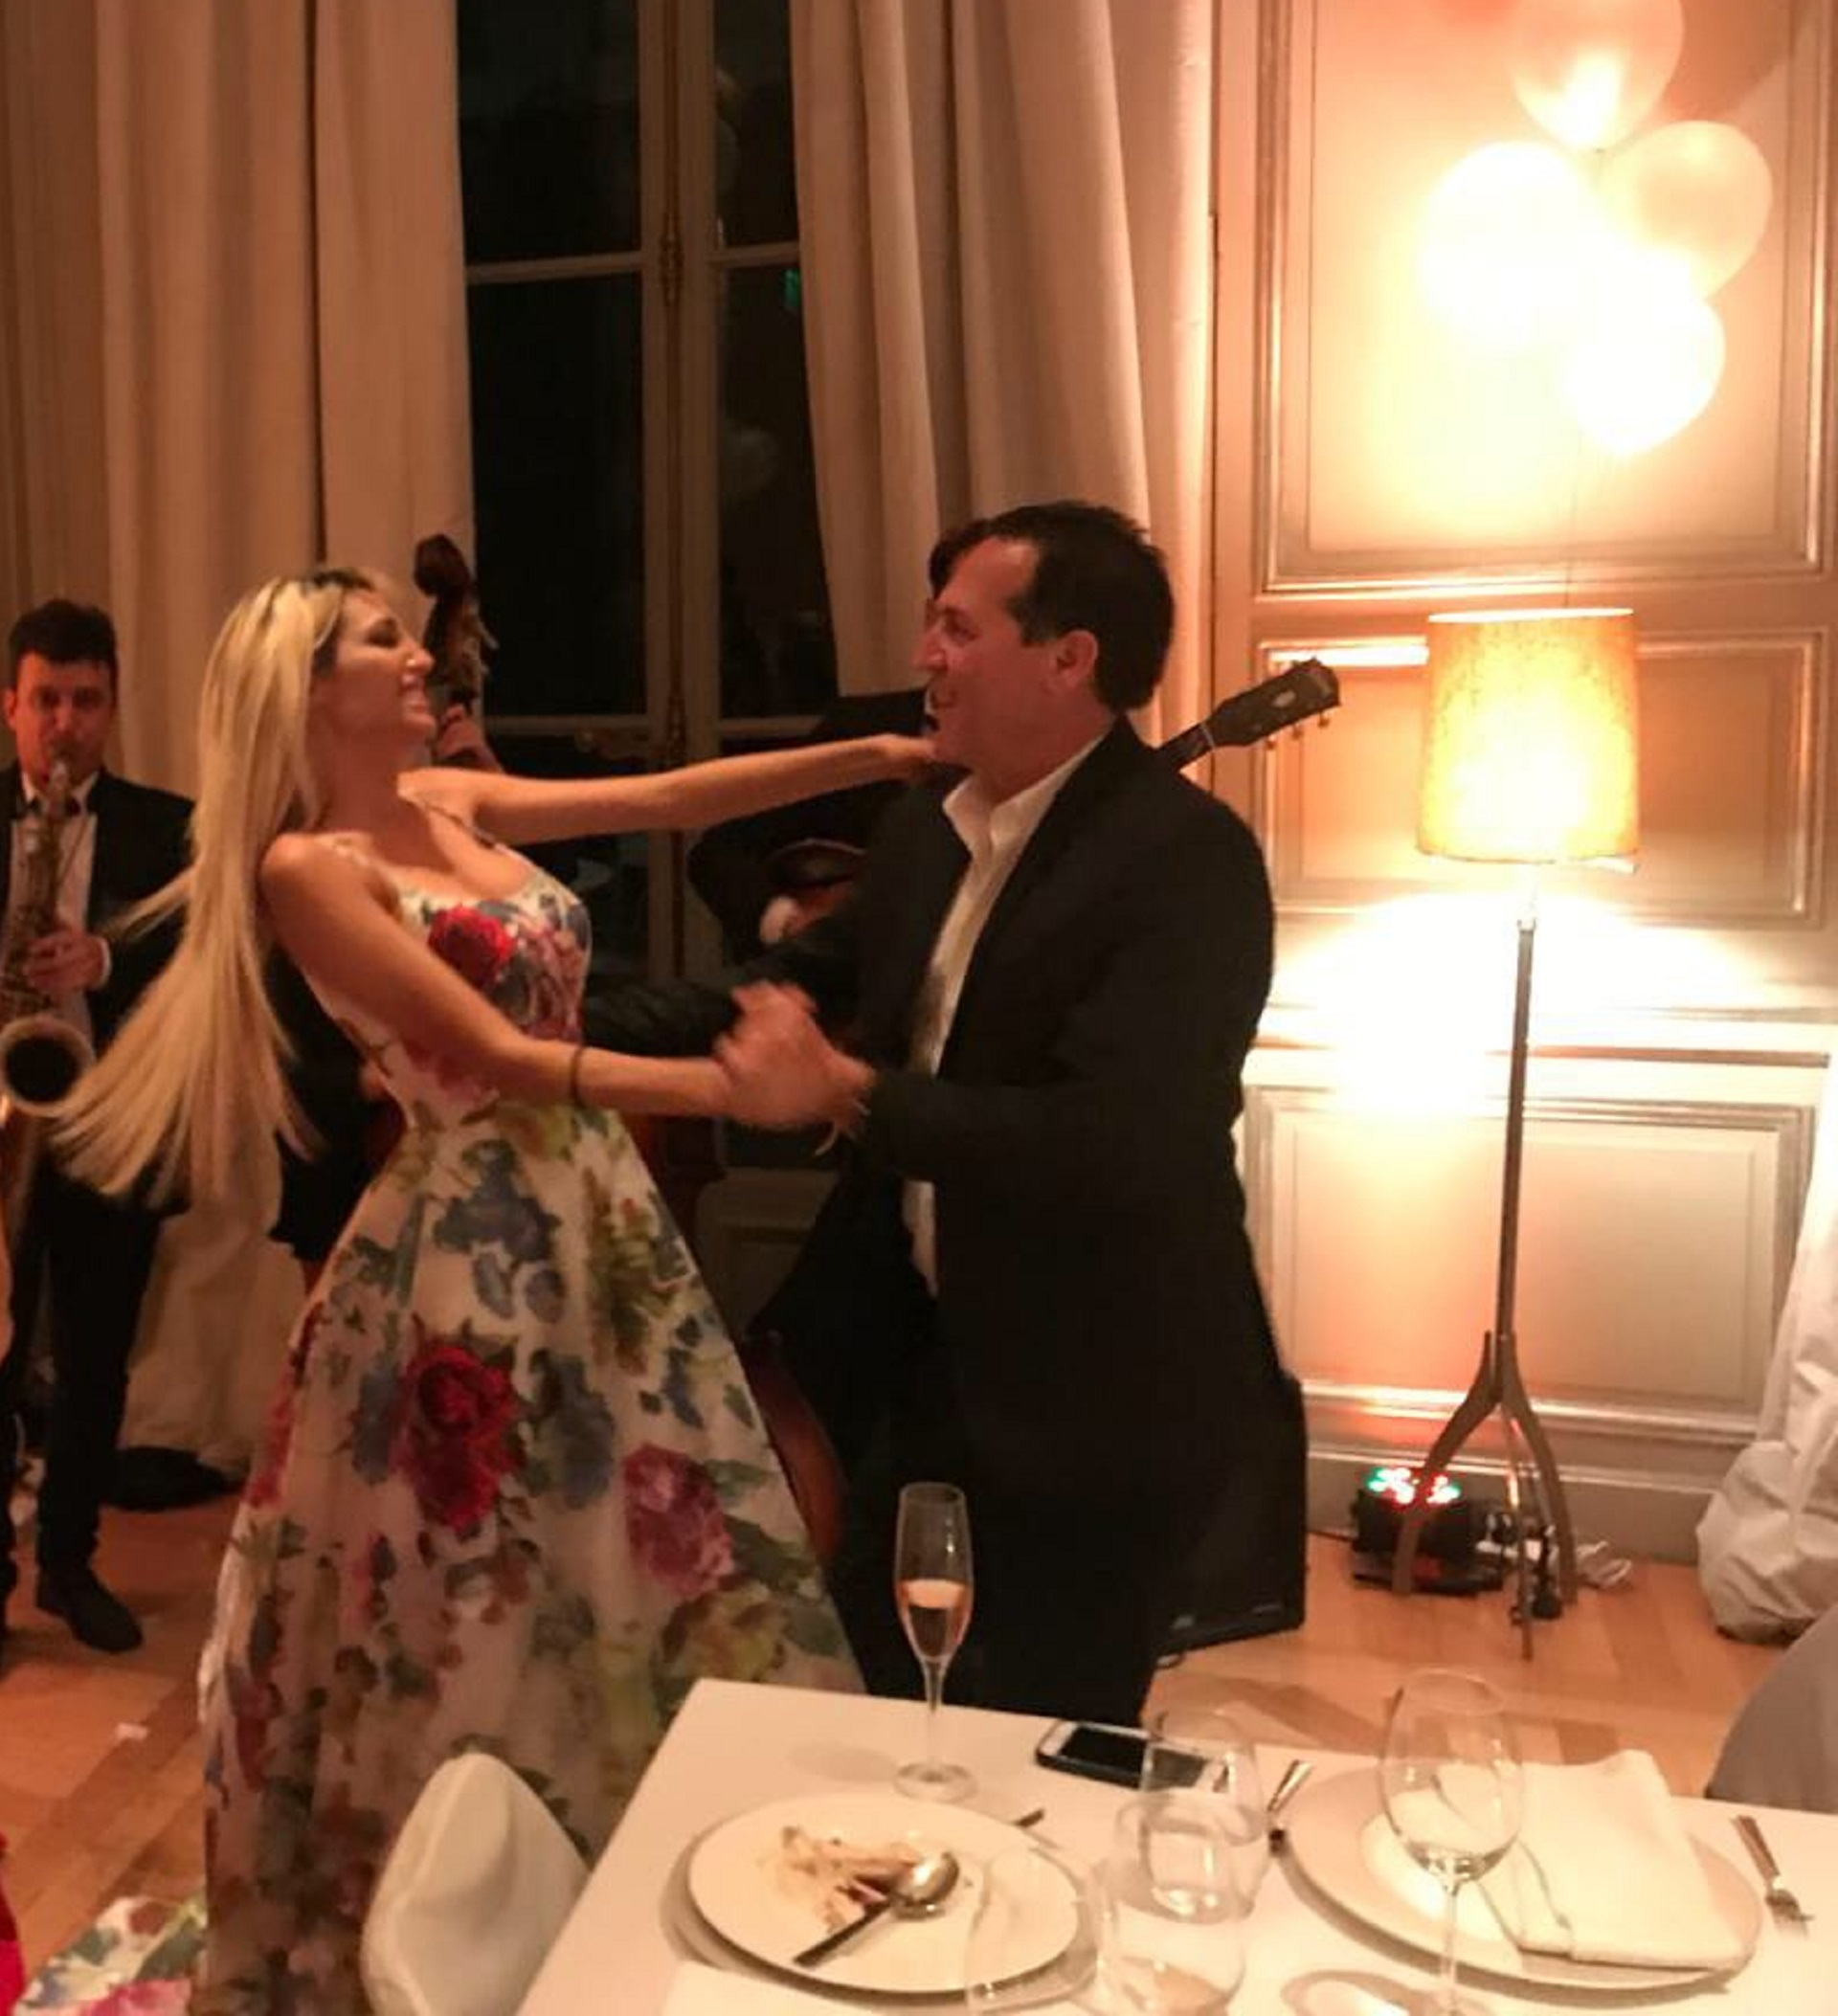 Victoria Xipolitakis y su novio Javier Naselli bailando